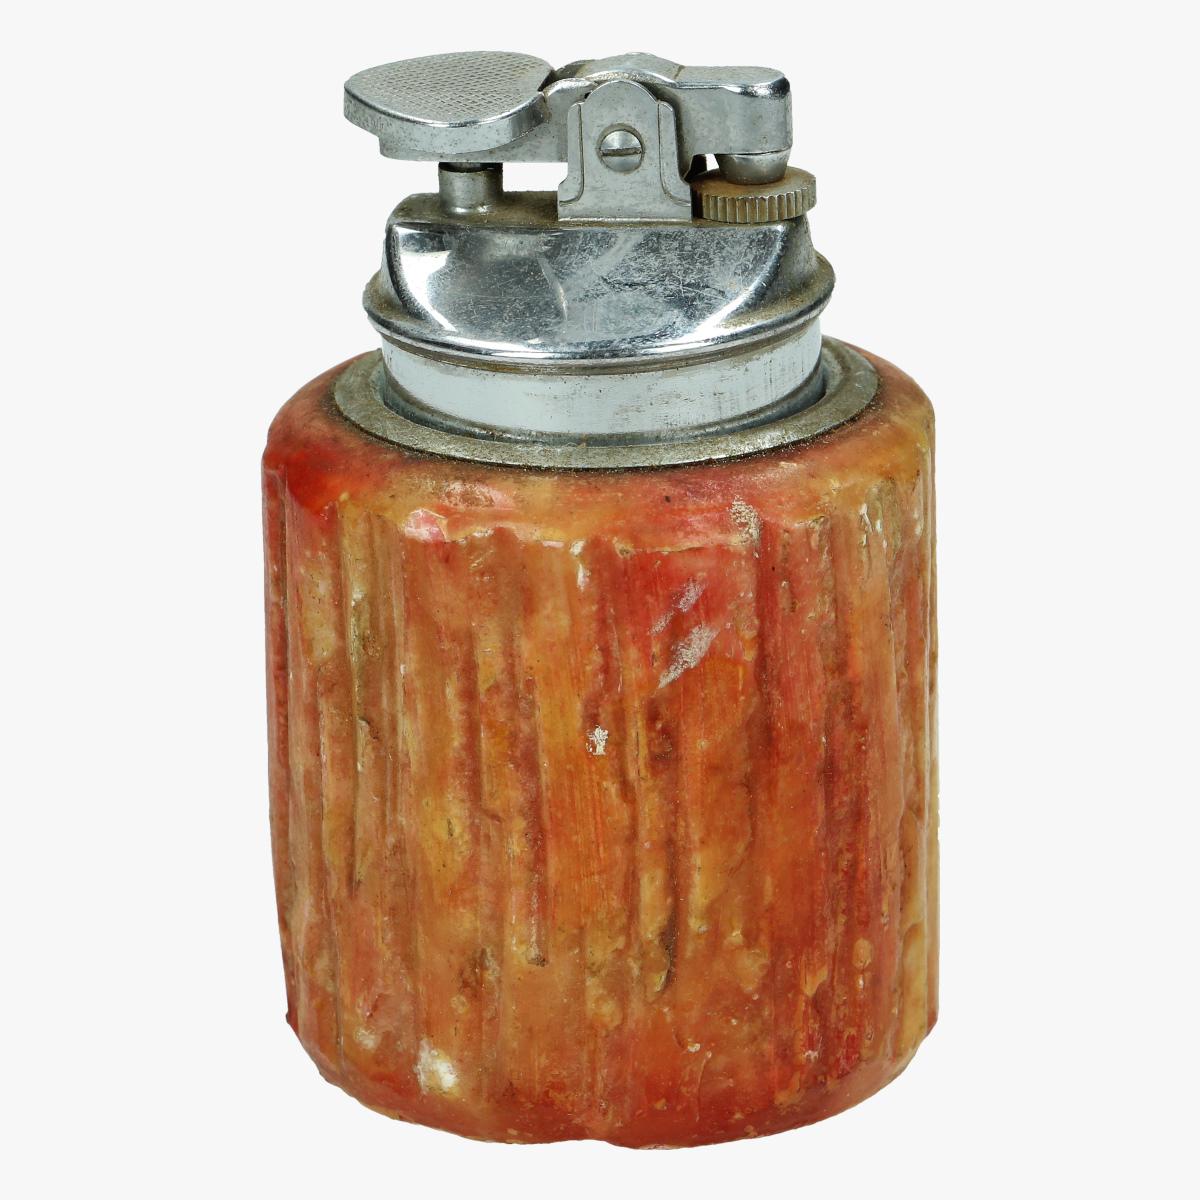 Afbeeldingen van oude aansteker potje